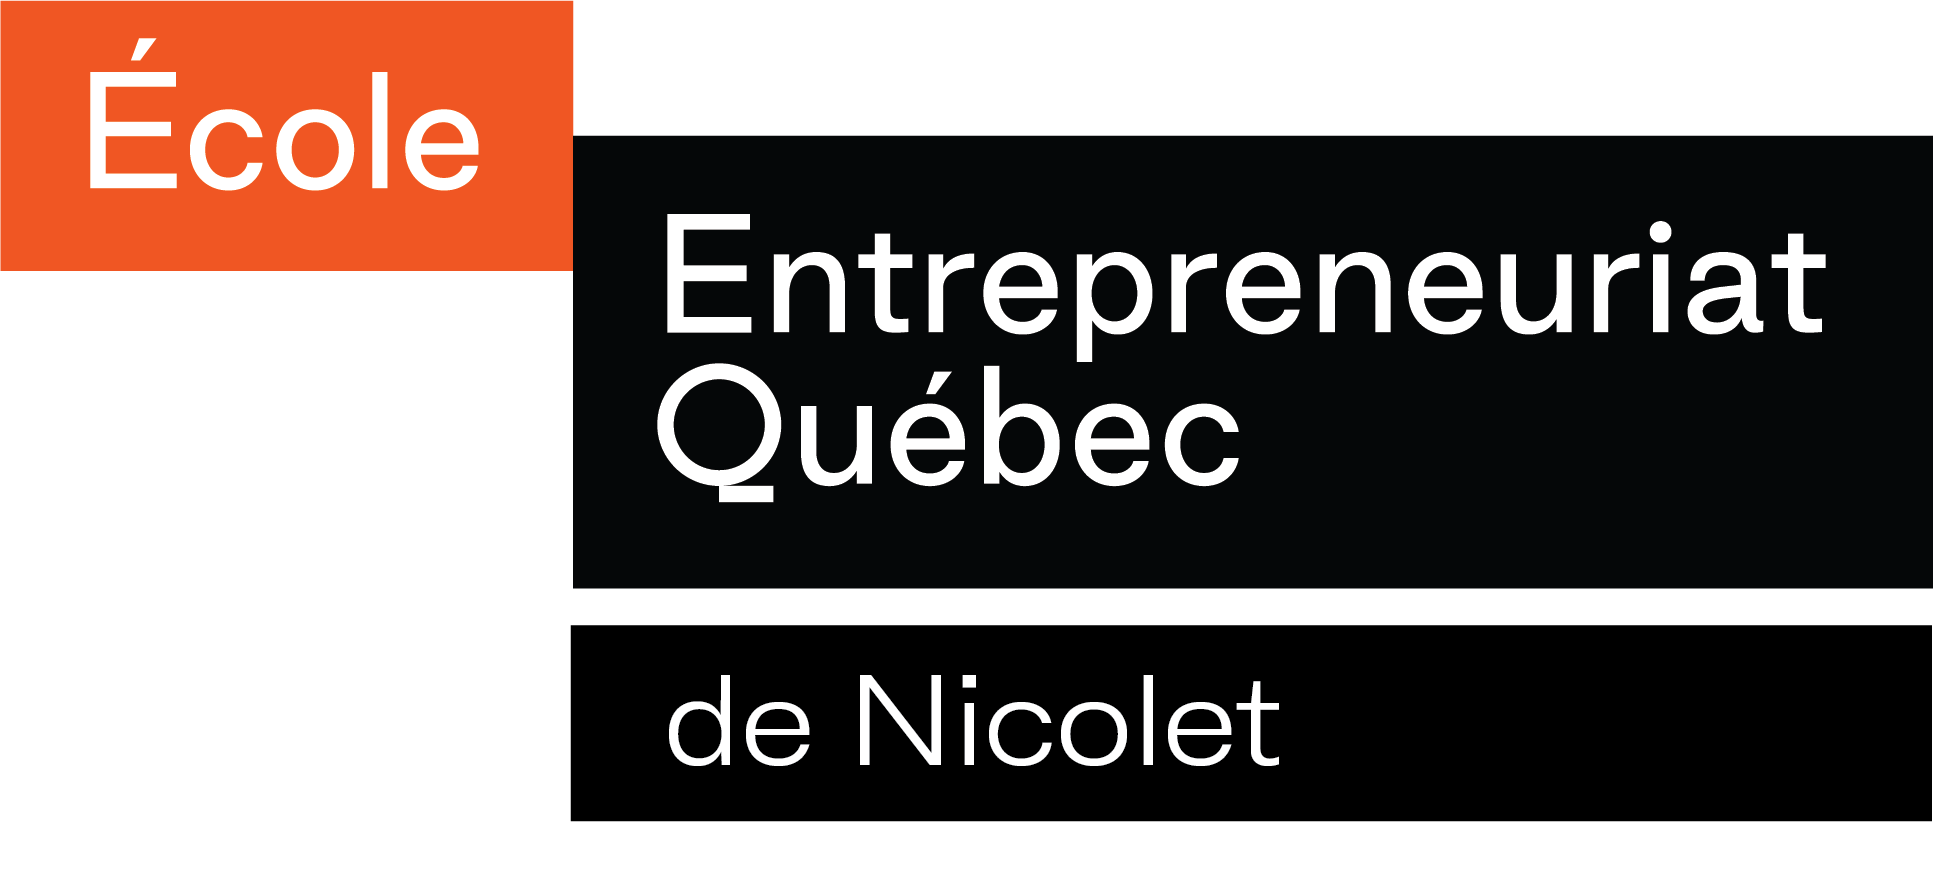 EQ_de Nicolet.png